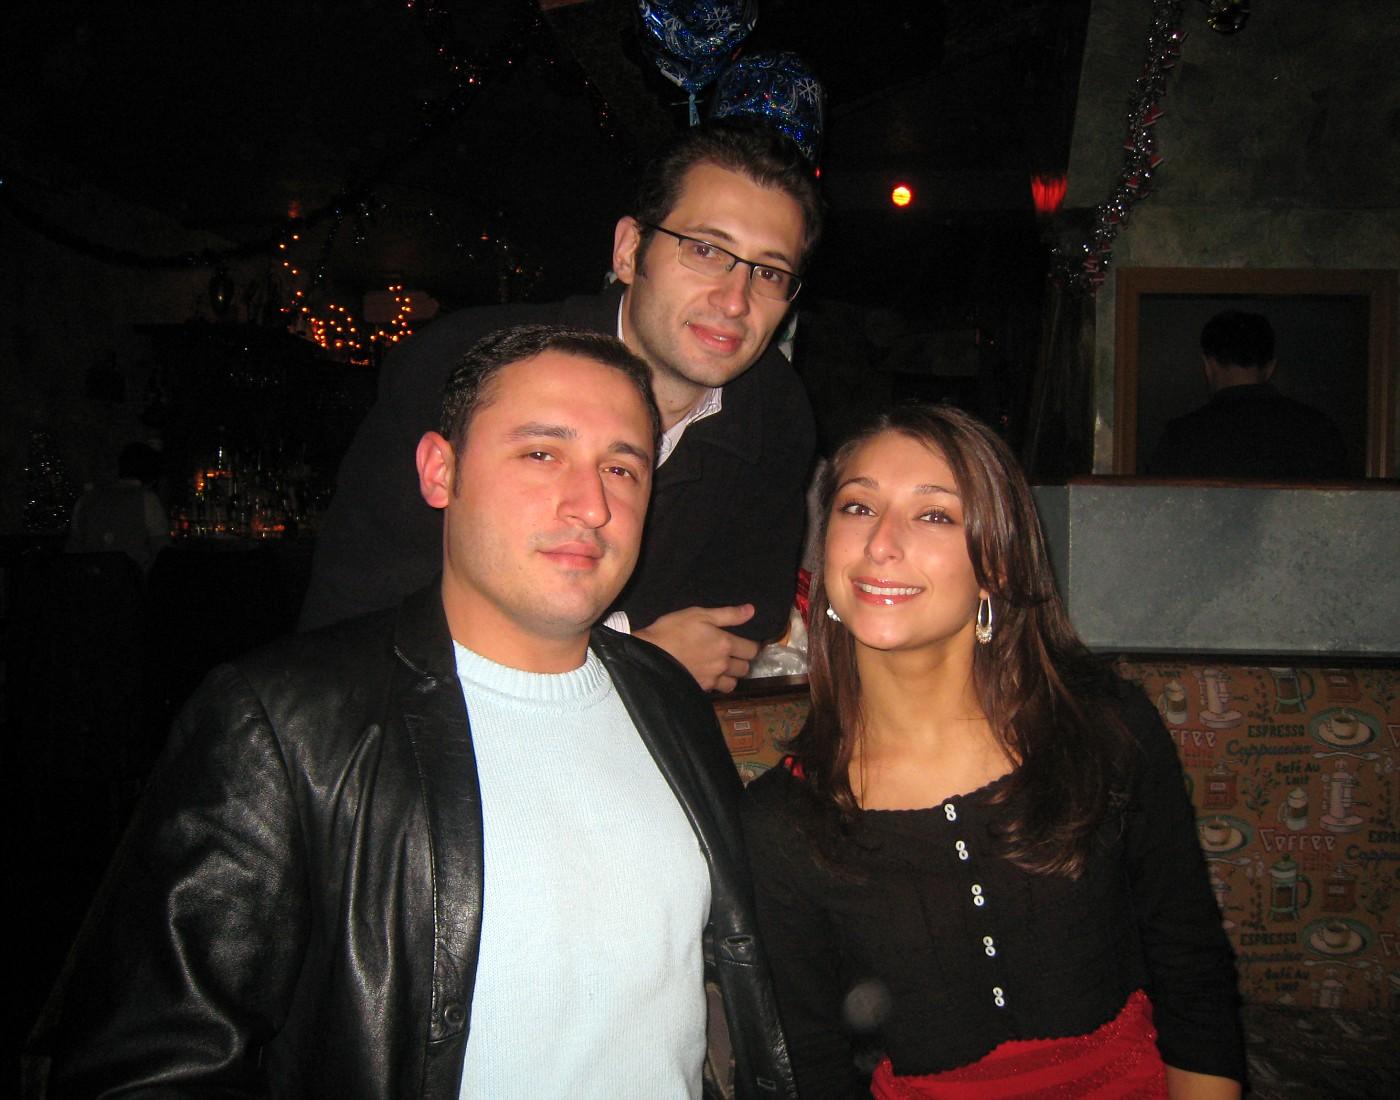 003 Jan 11 2007